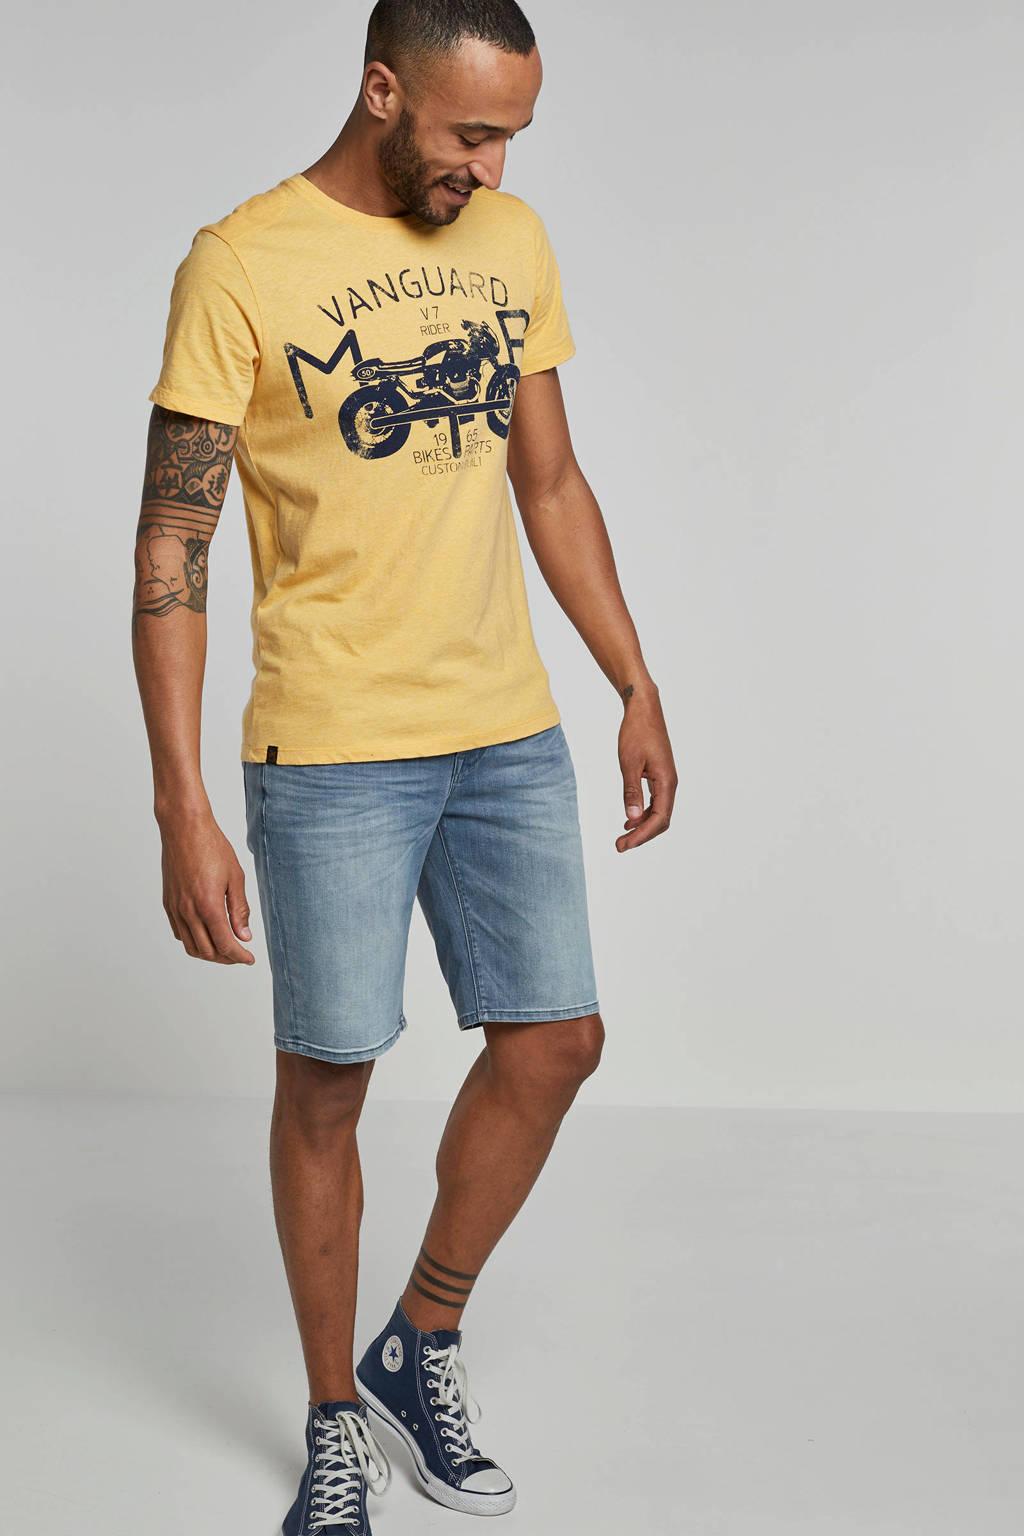 Vanguard T-shirt met printopdruk, Geel